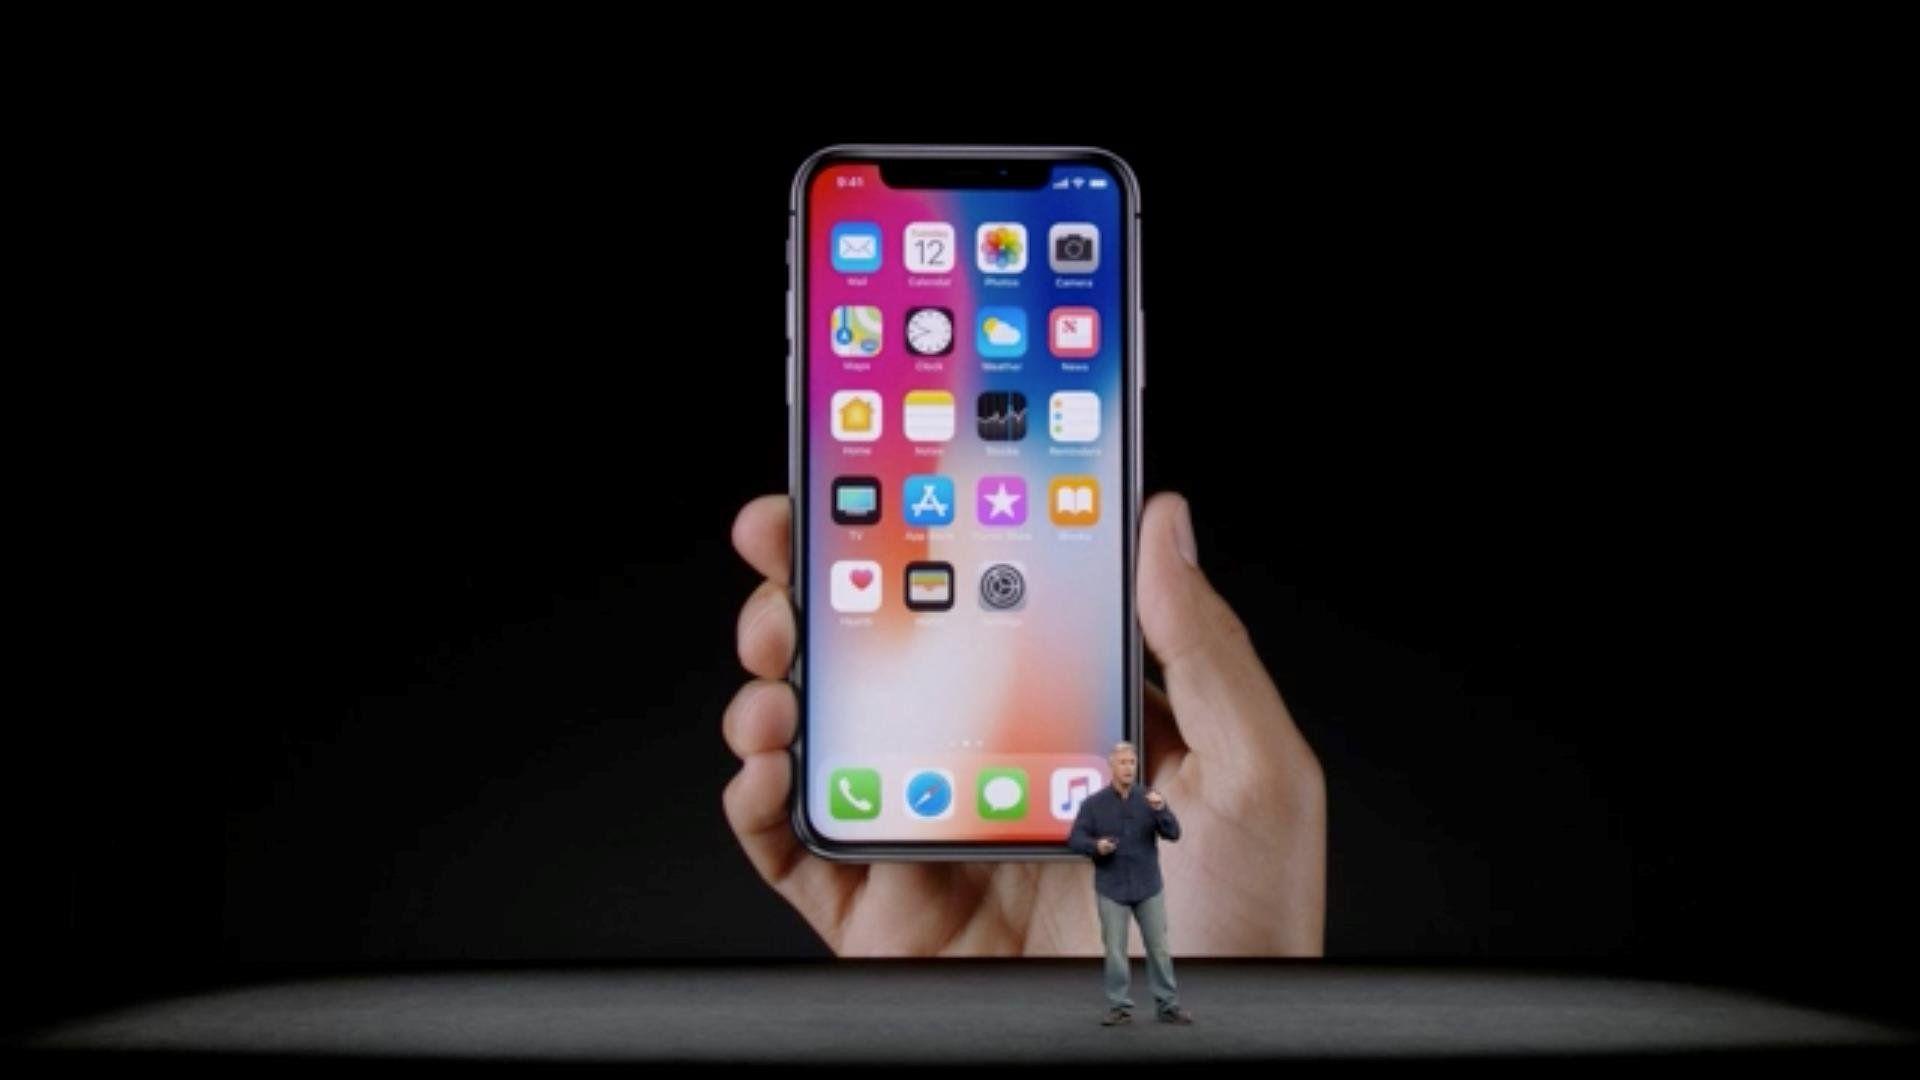 Ecco come passare di app in app su iPhone X -